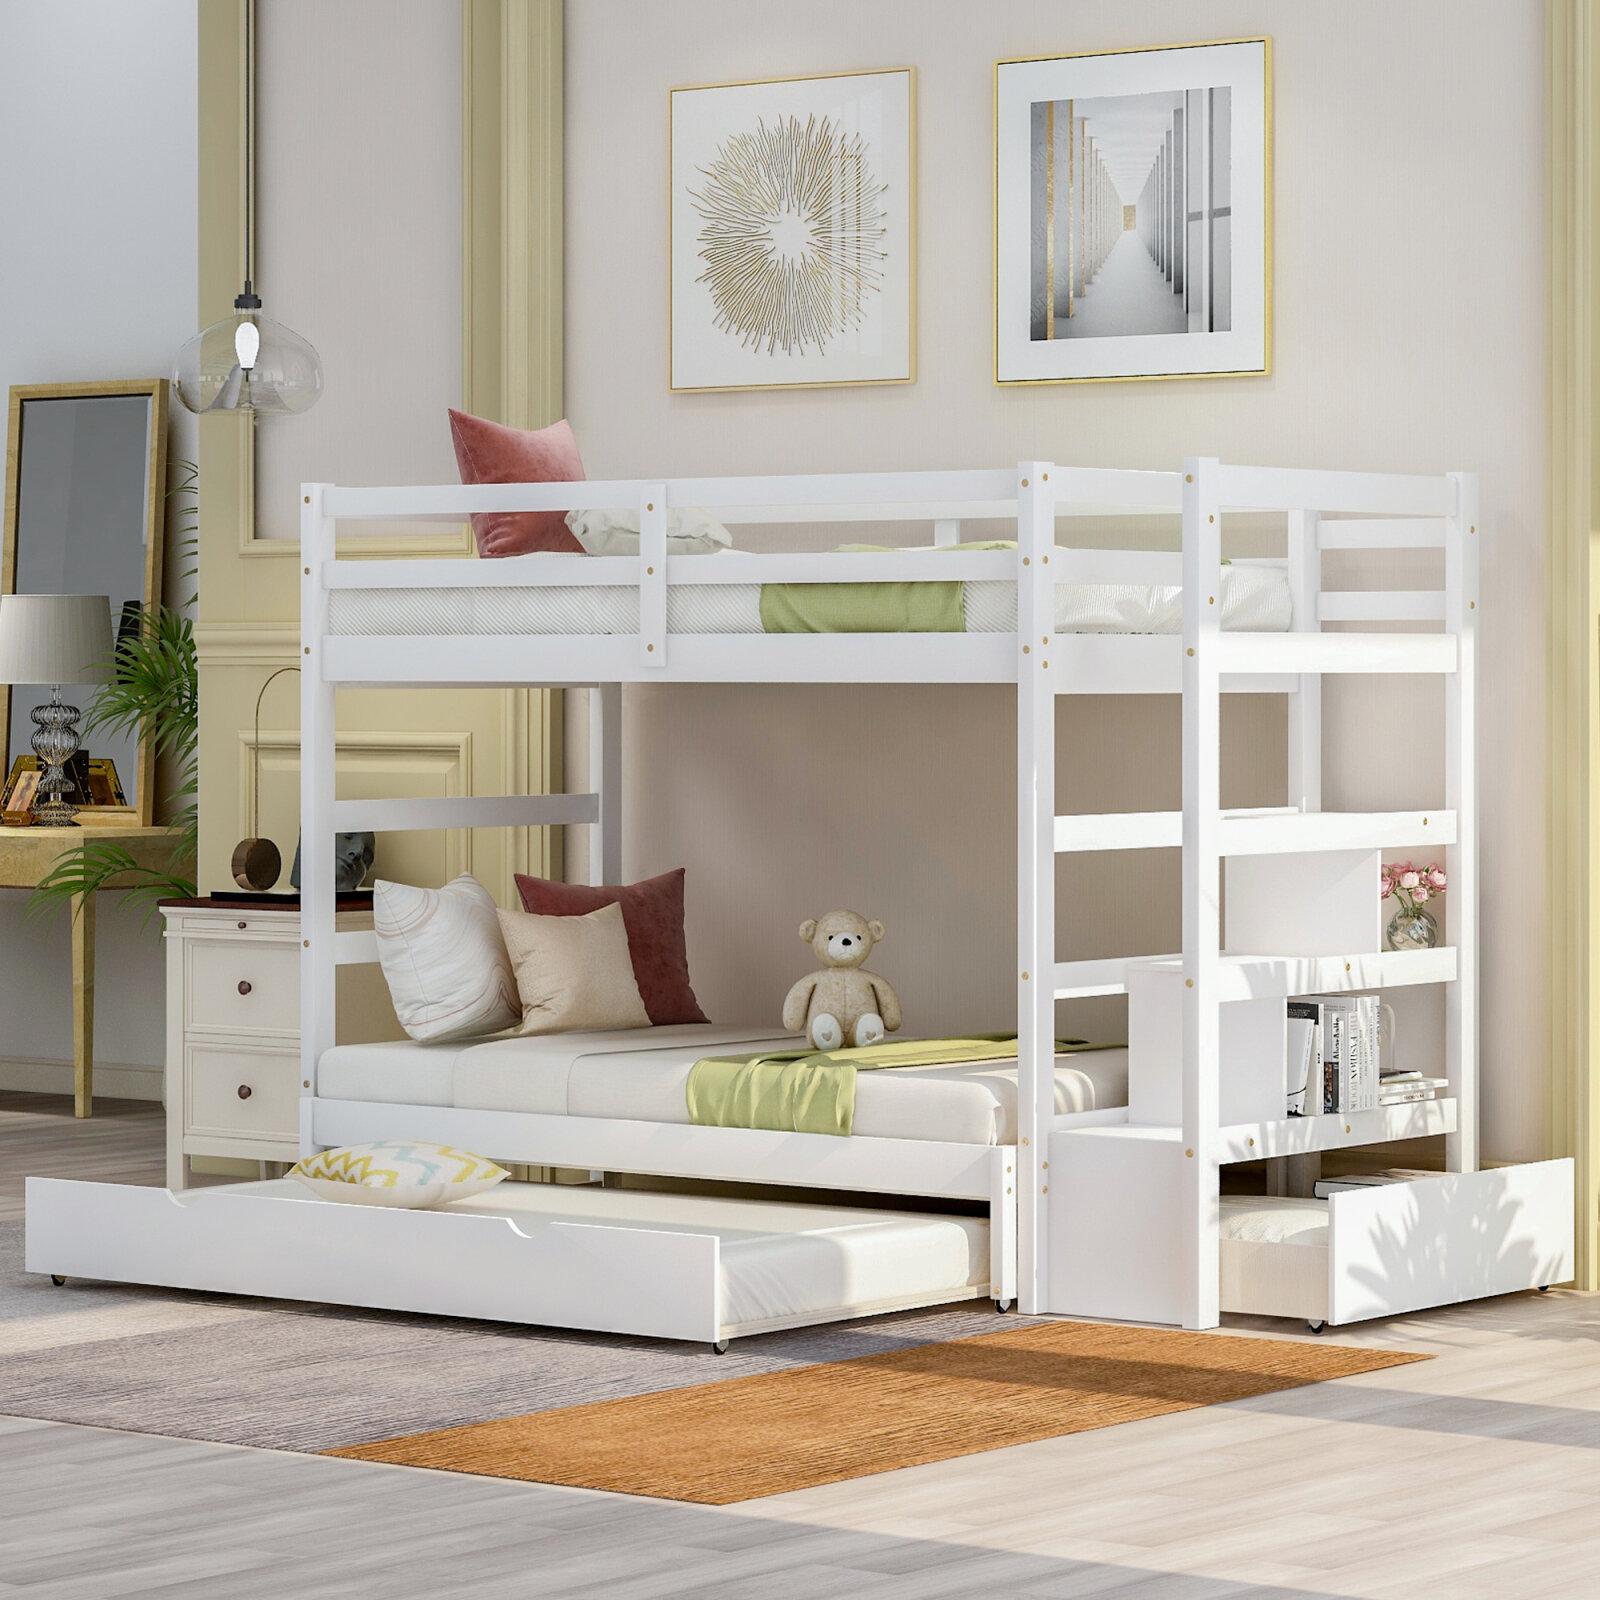 Harriet Bee Iolanta Twin Over Twin Standard Bunk Bed With Trundle By Harriet Bee Wayfair